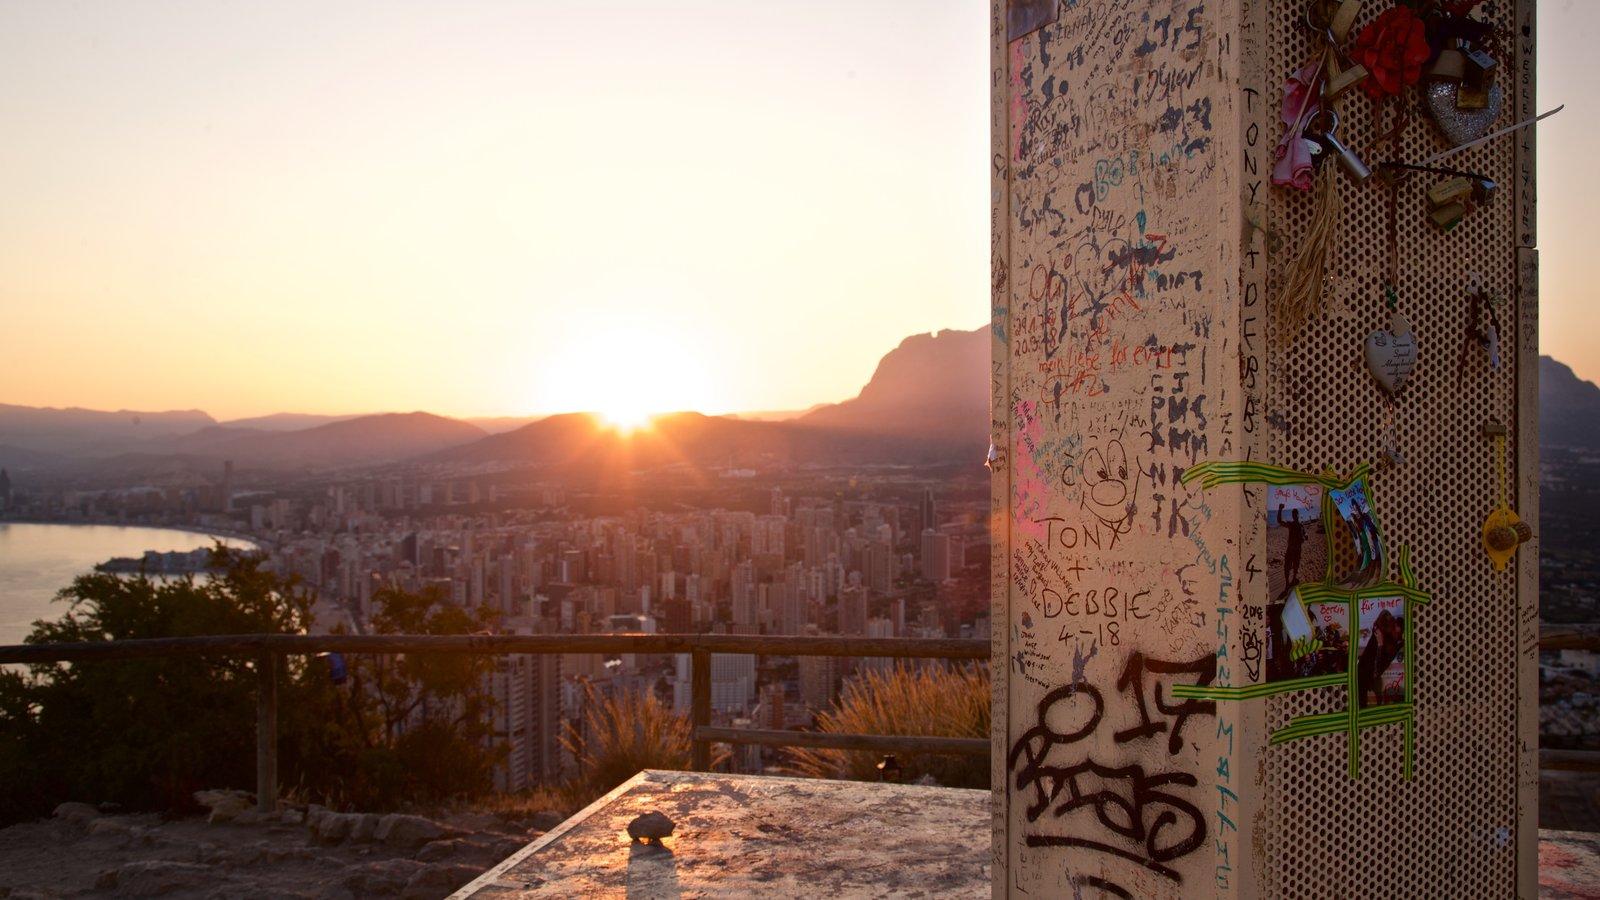 La Cruz de Benidorm ofreciendo una puesta de sol, vistas y arte al aire libre